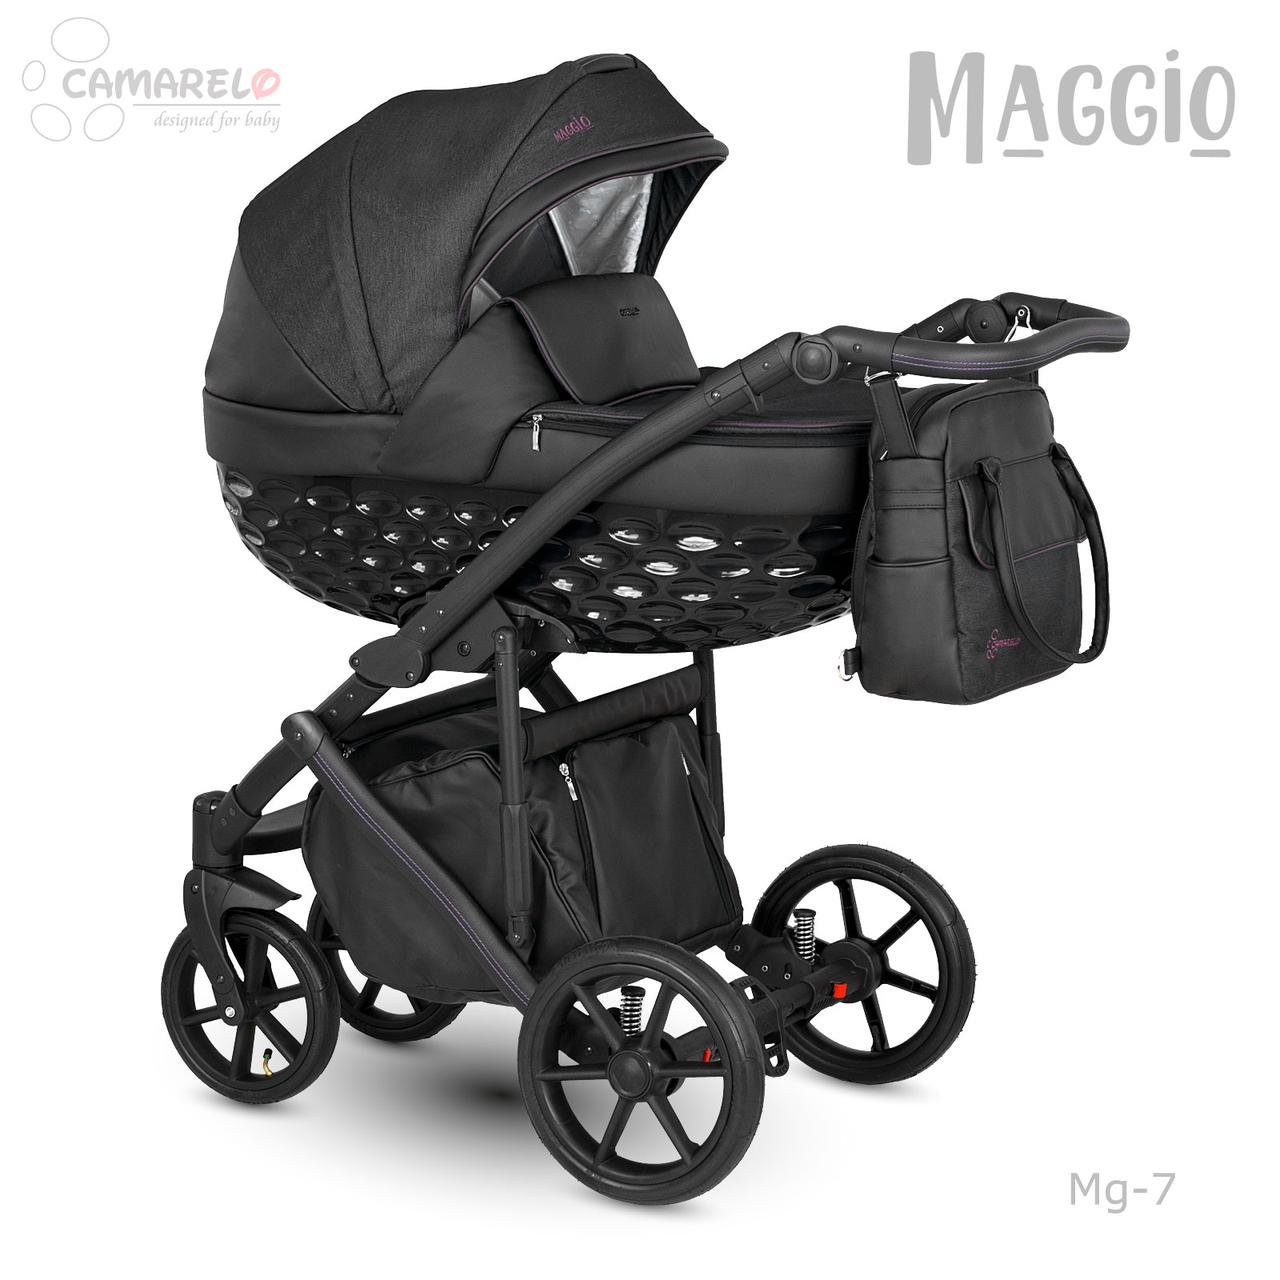 Детская универсальная коляска 2 в 1 Camarelo Maggio Mg-7